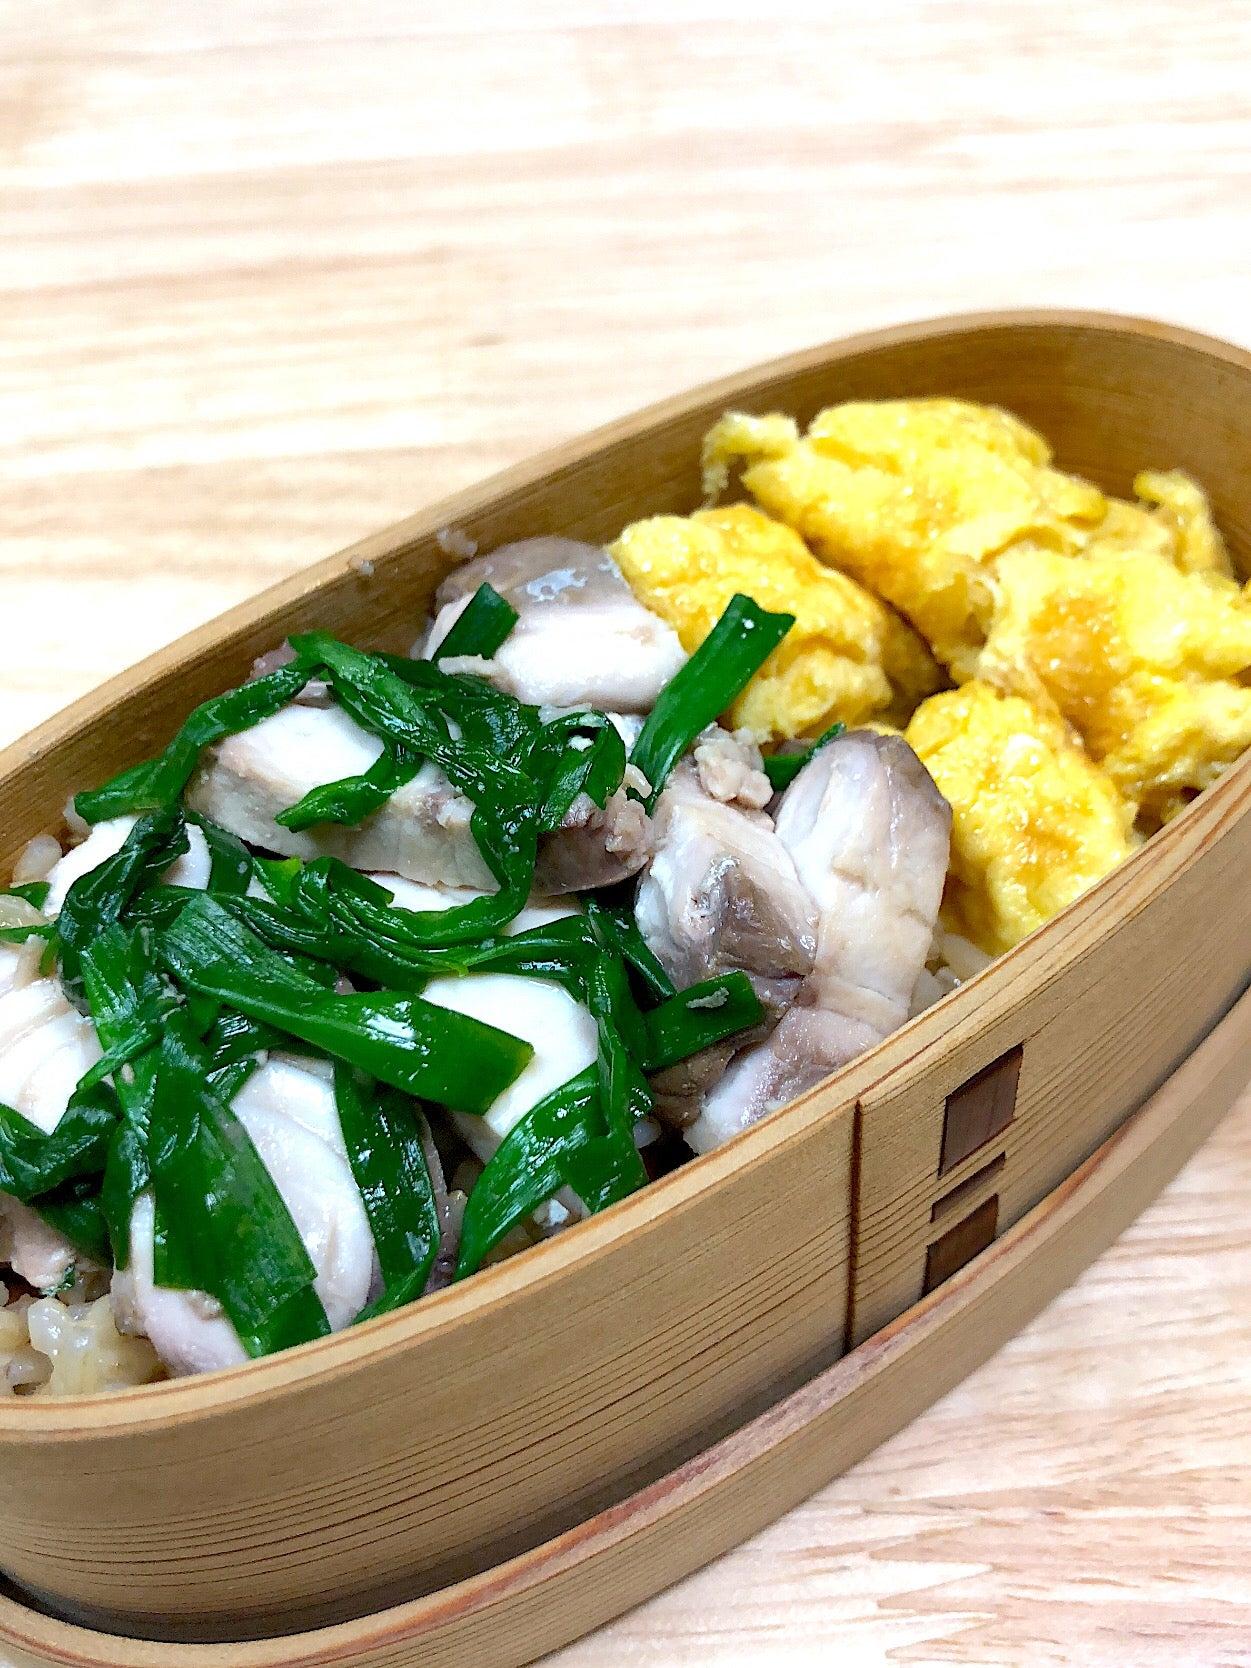 #魚#丼 #丼弁当 #卵焼き SnapDish 料理カメラ